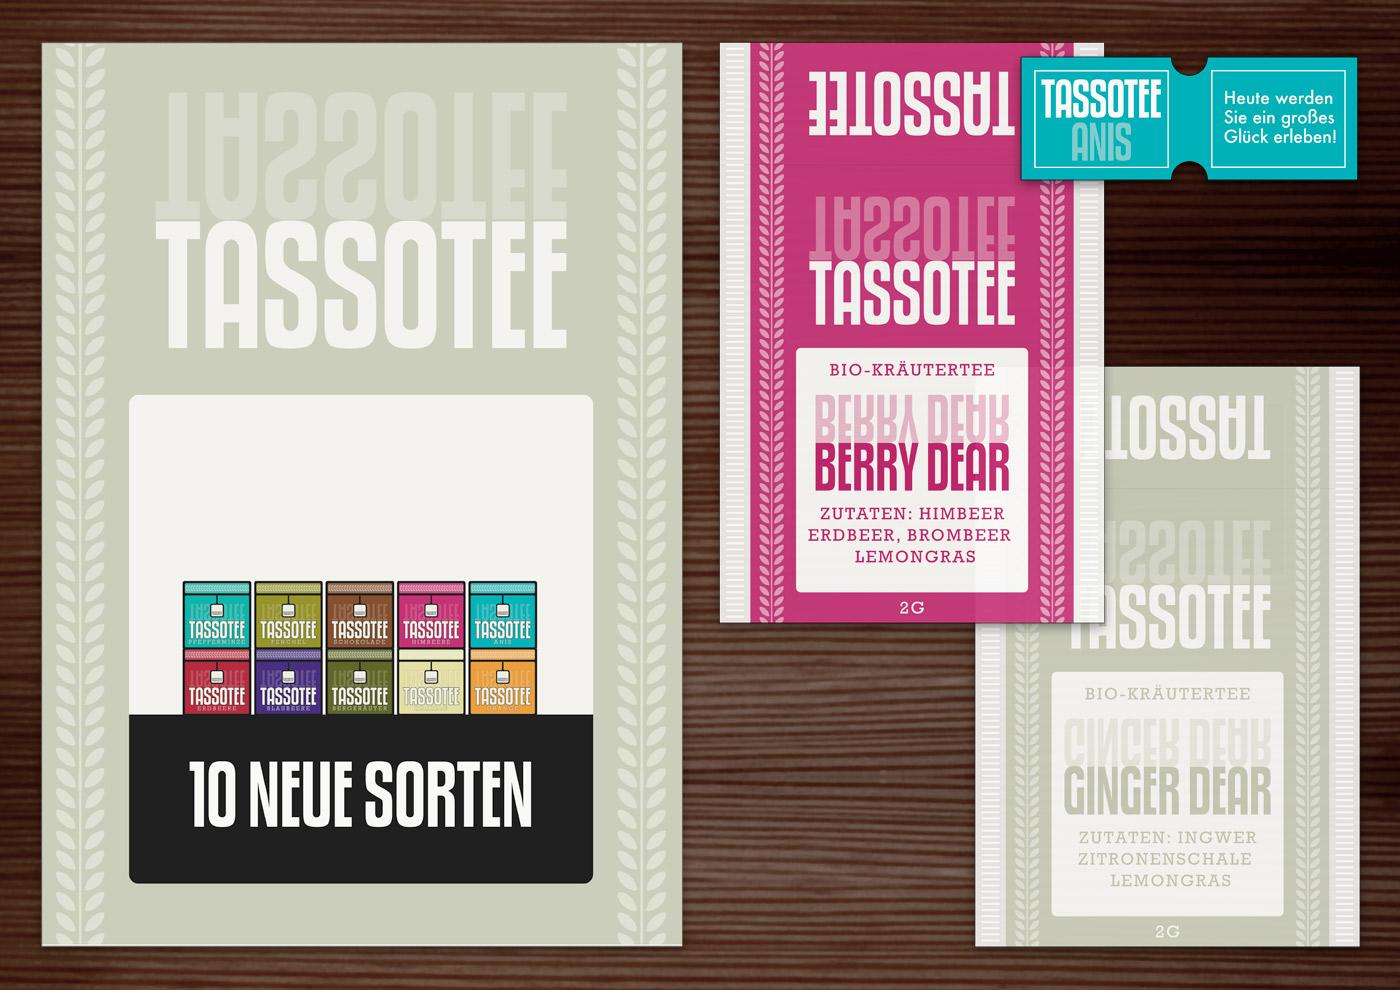 Corporate Identity, Logo und Grafik Design für Werbung, Poster und Verpackung für Lily Lux Tasso Tee im Teebeutel